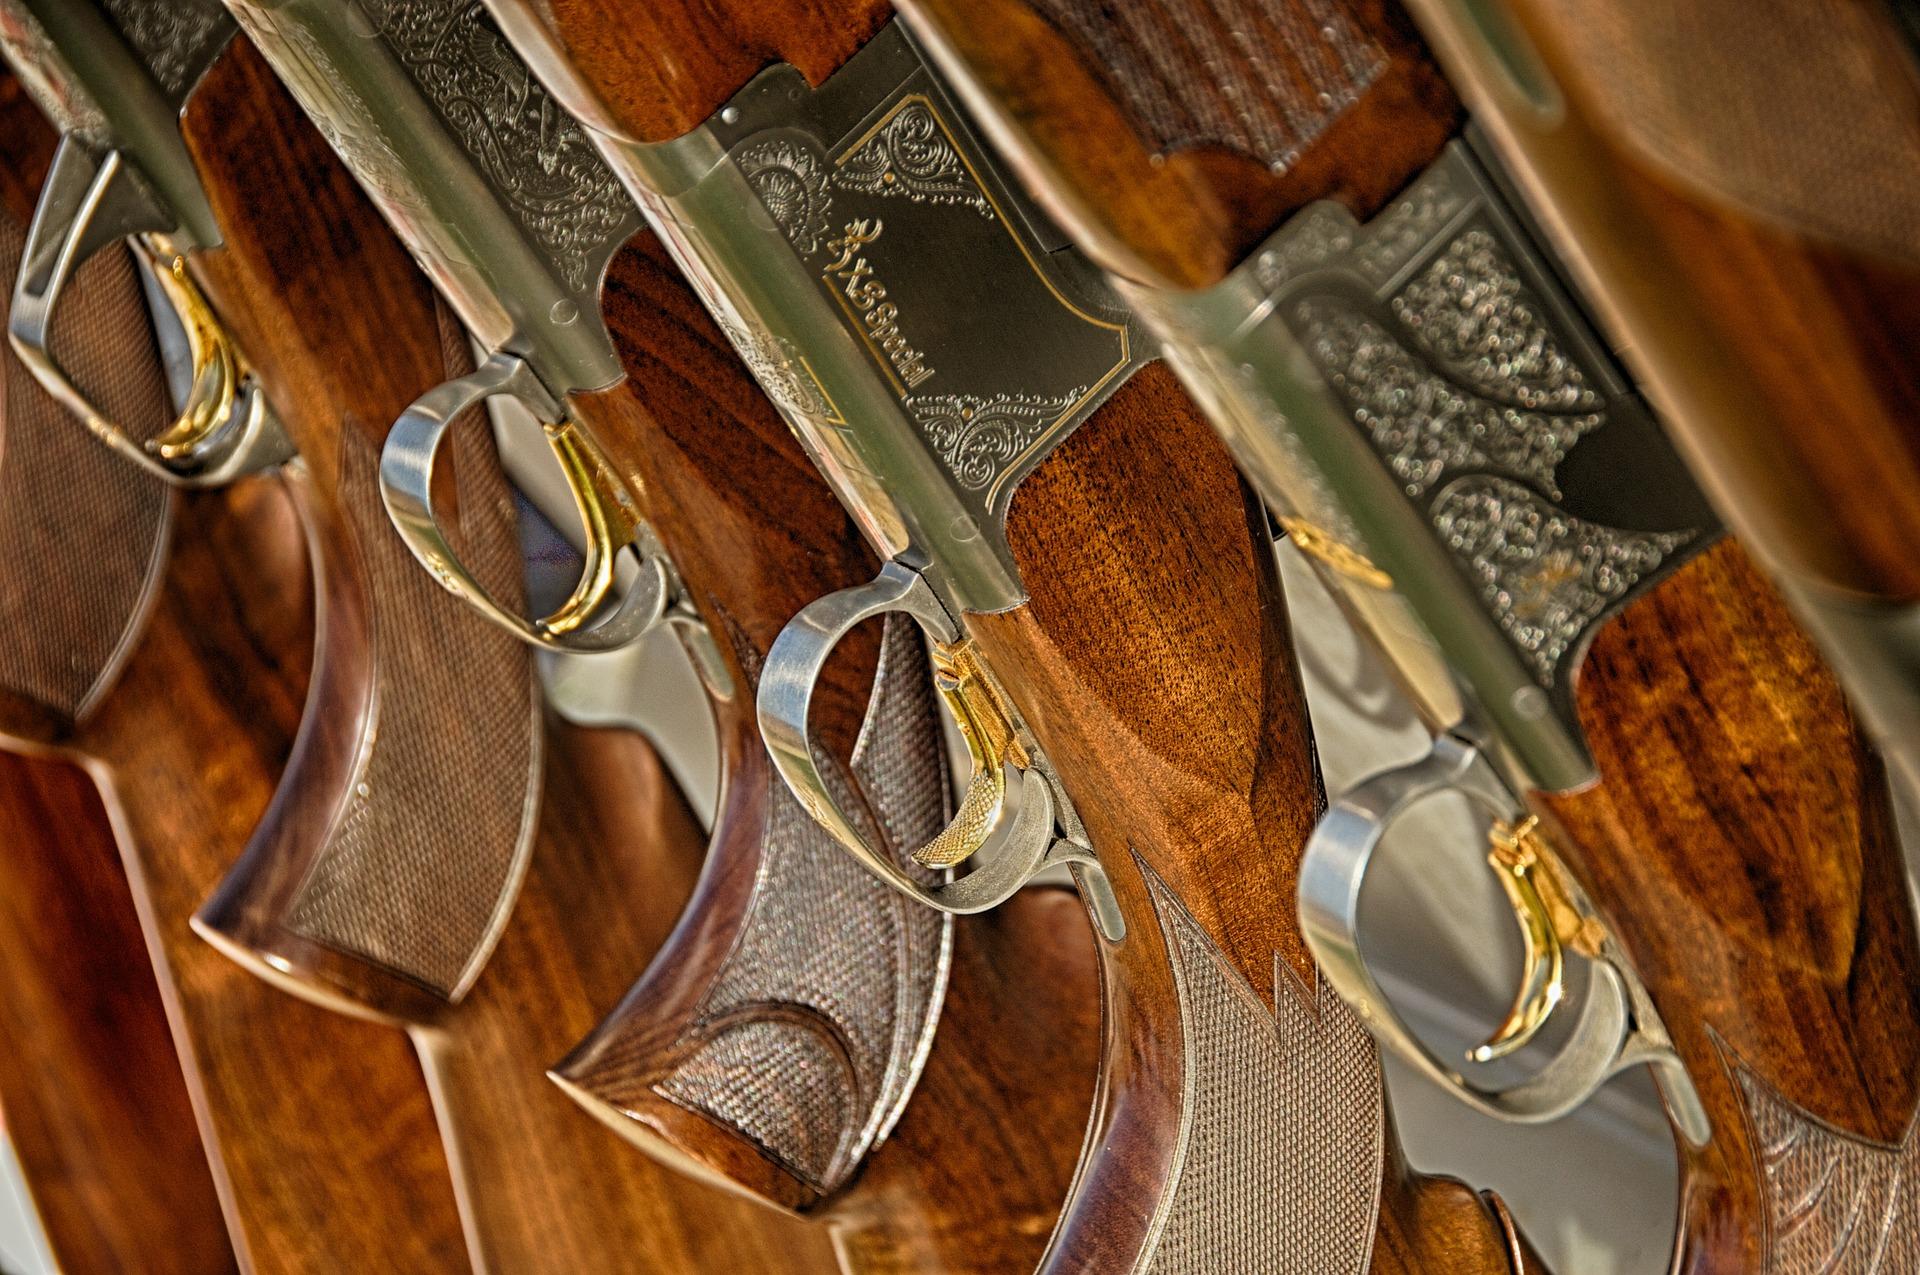 【アメリカ】銃社会について考える~所有率や殺人発生率~